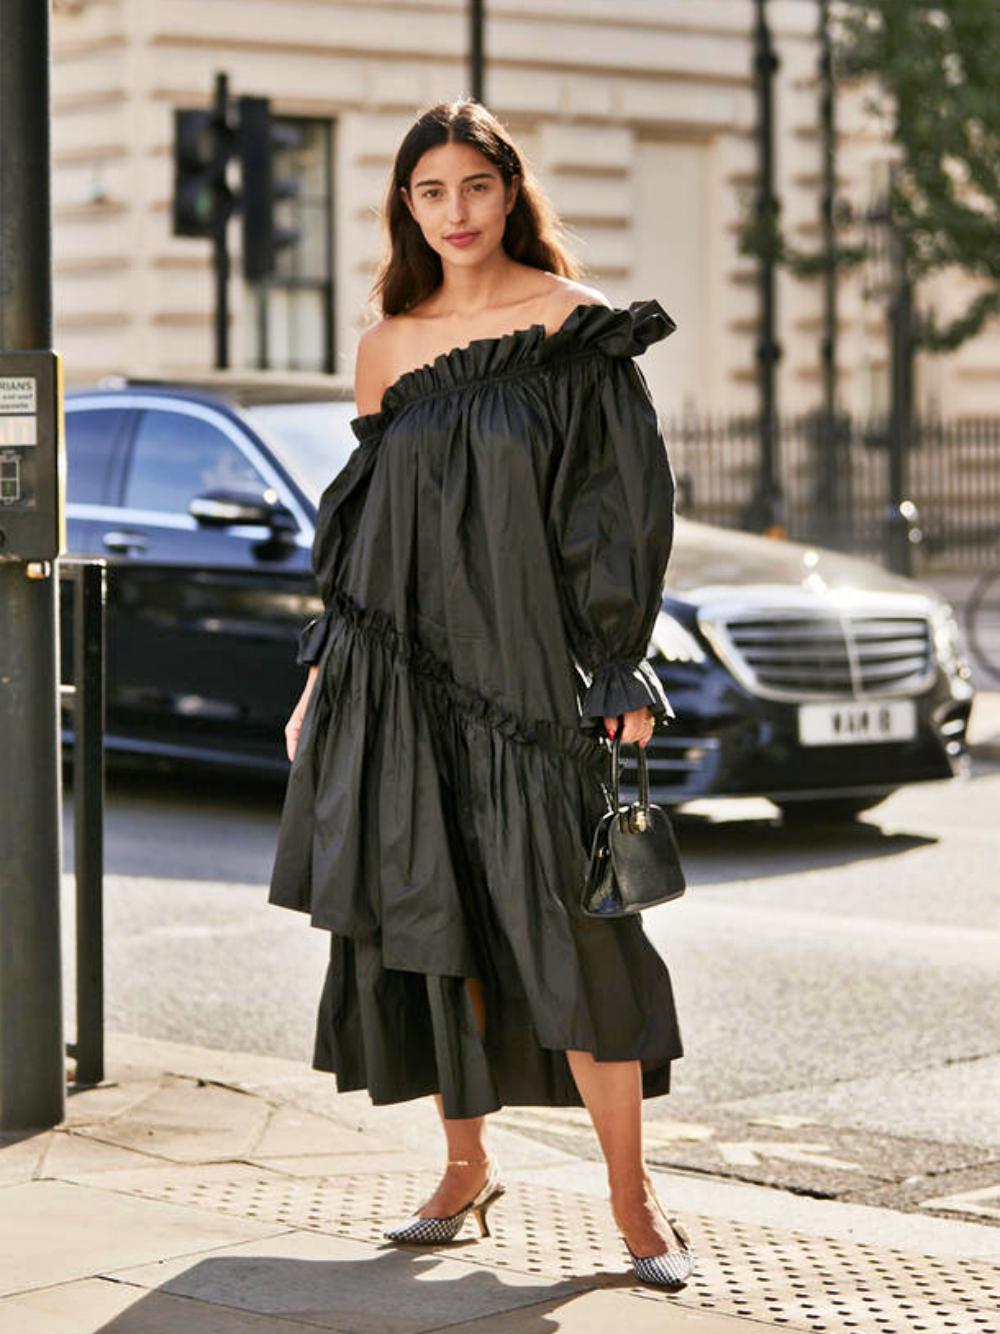 die schönsten midi-kleider modelle für den sommer 2020